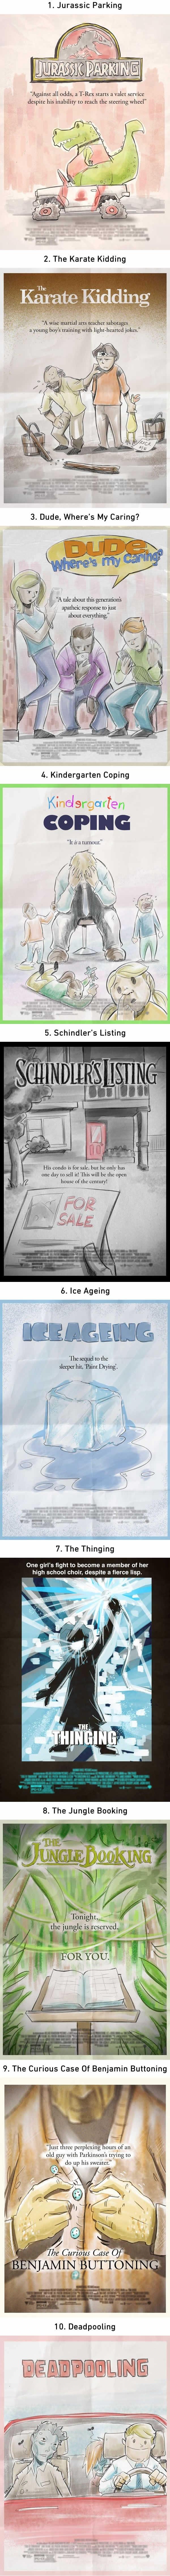 Adding ing to movie titles